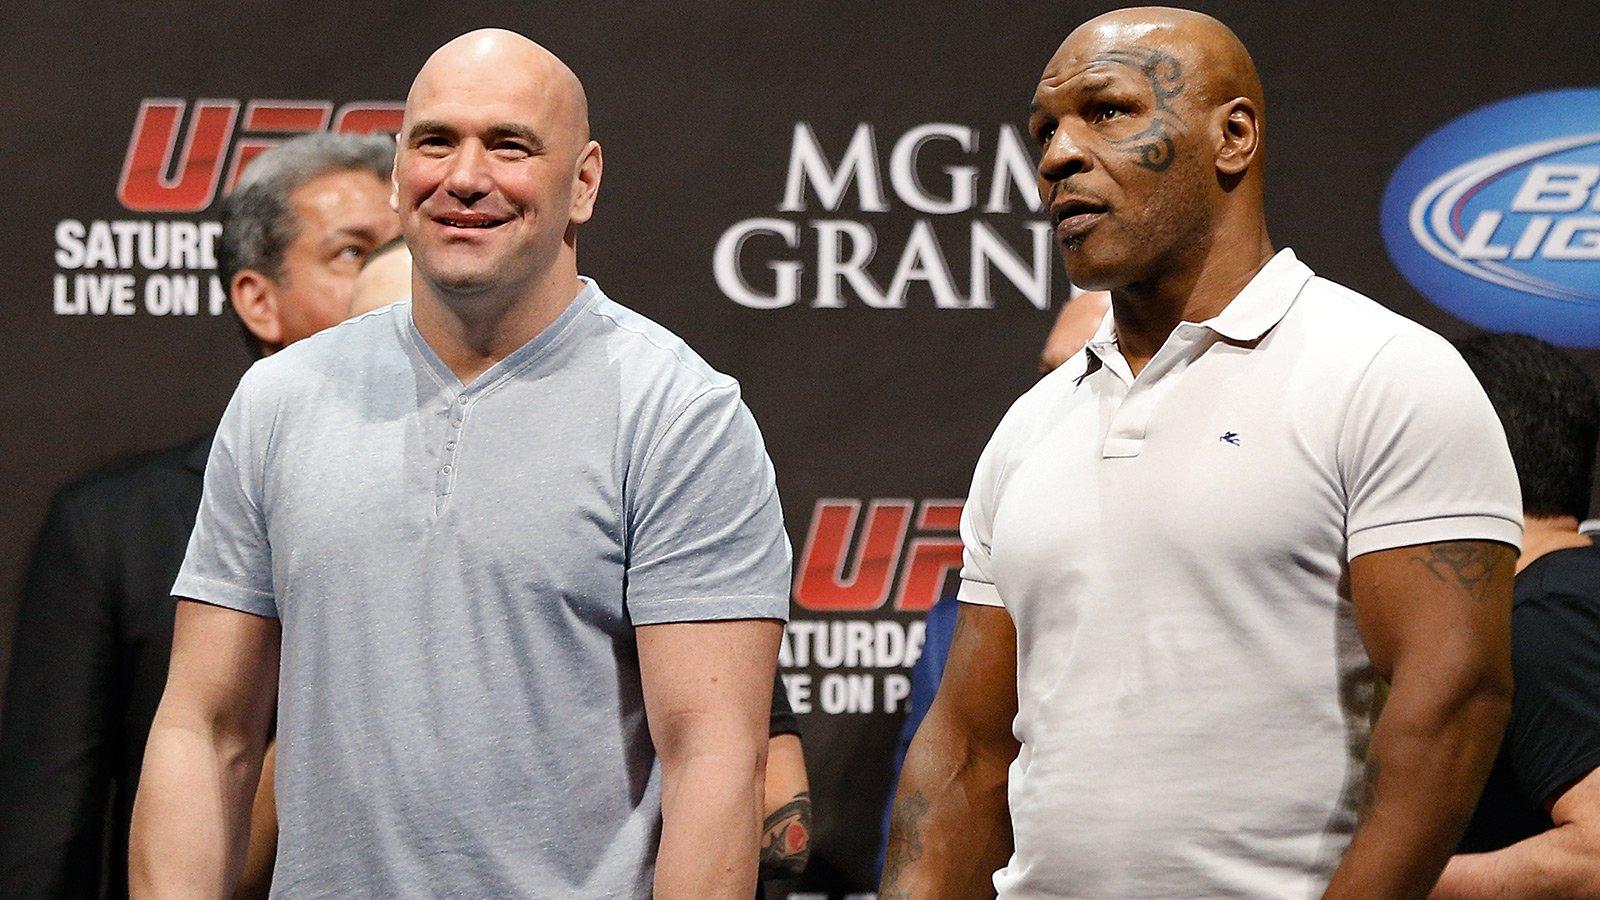 Секретный боец в UFC 2 - Майк Тайсон. - Изображение 1